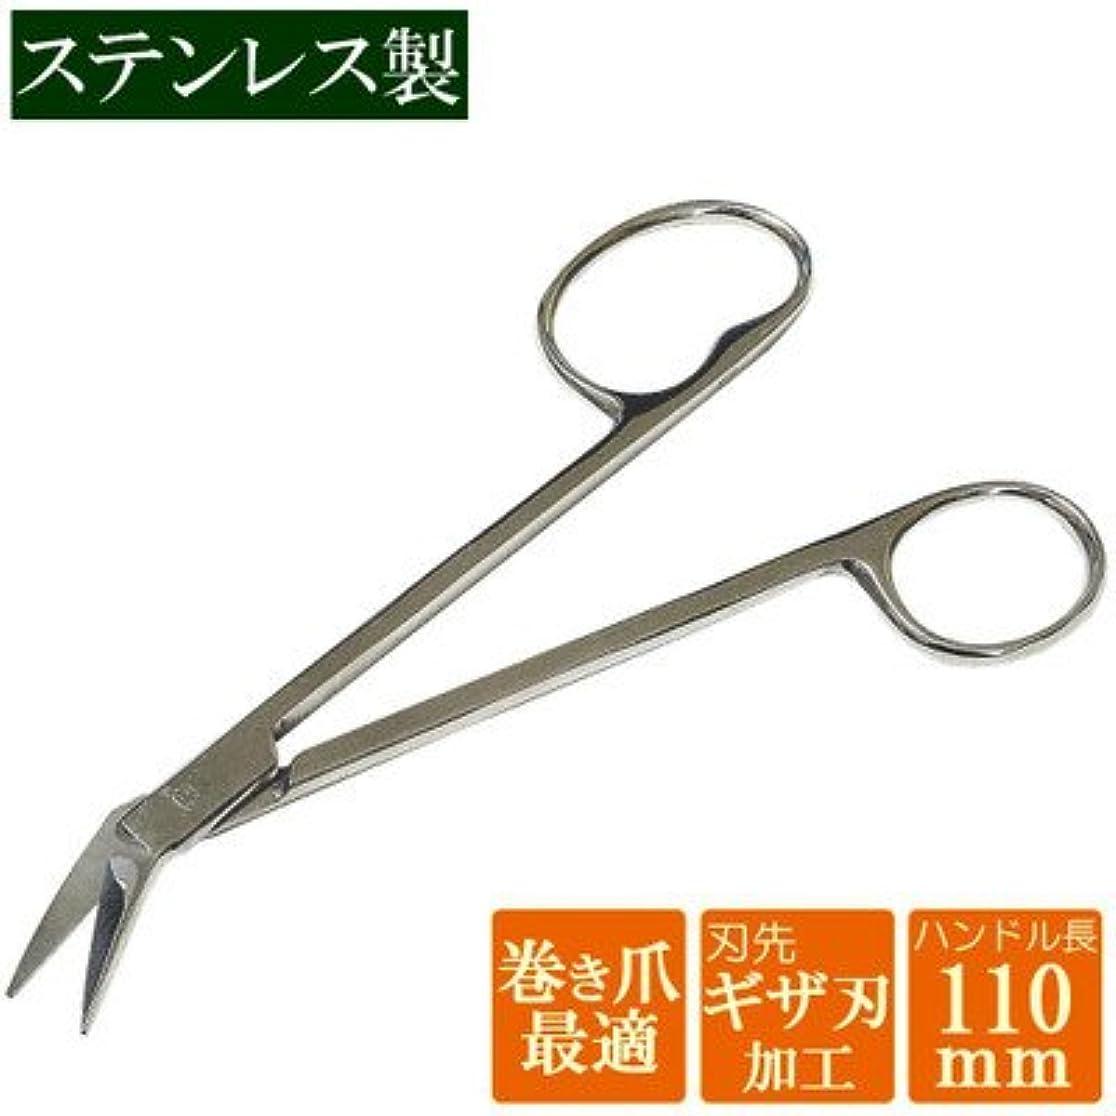 せがむ乏しい中毒88021 ロング足用爪切りハサミ 自由なラインで切れる足用爪切りハサミ